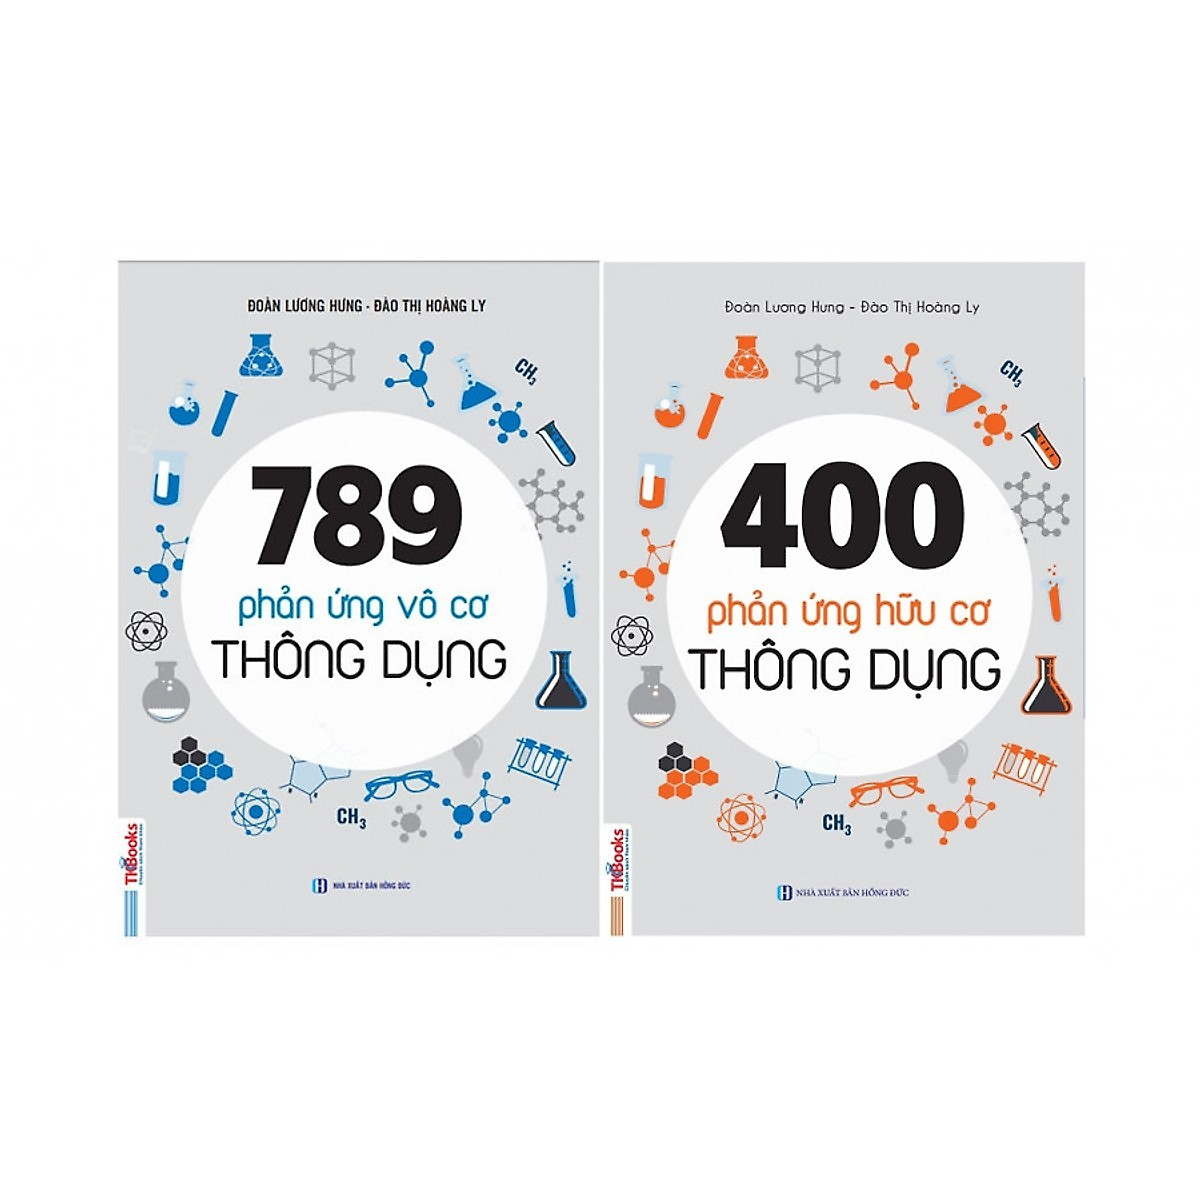 Combo 789 Phản Ứng Vô Cơ Thông Dụng và 400 Phản Ứng Hữu Cơ Thông Dụng